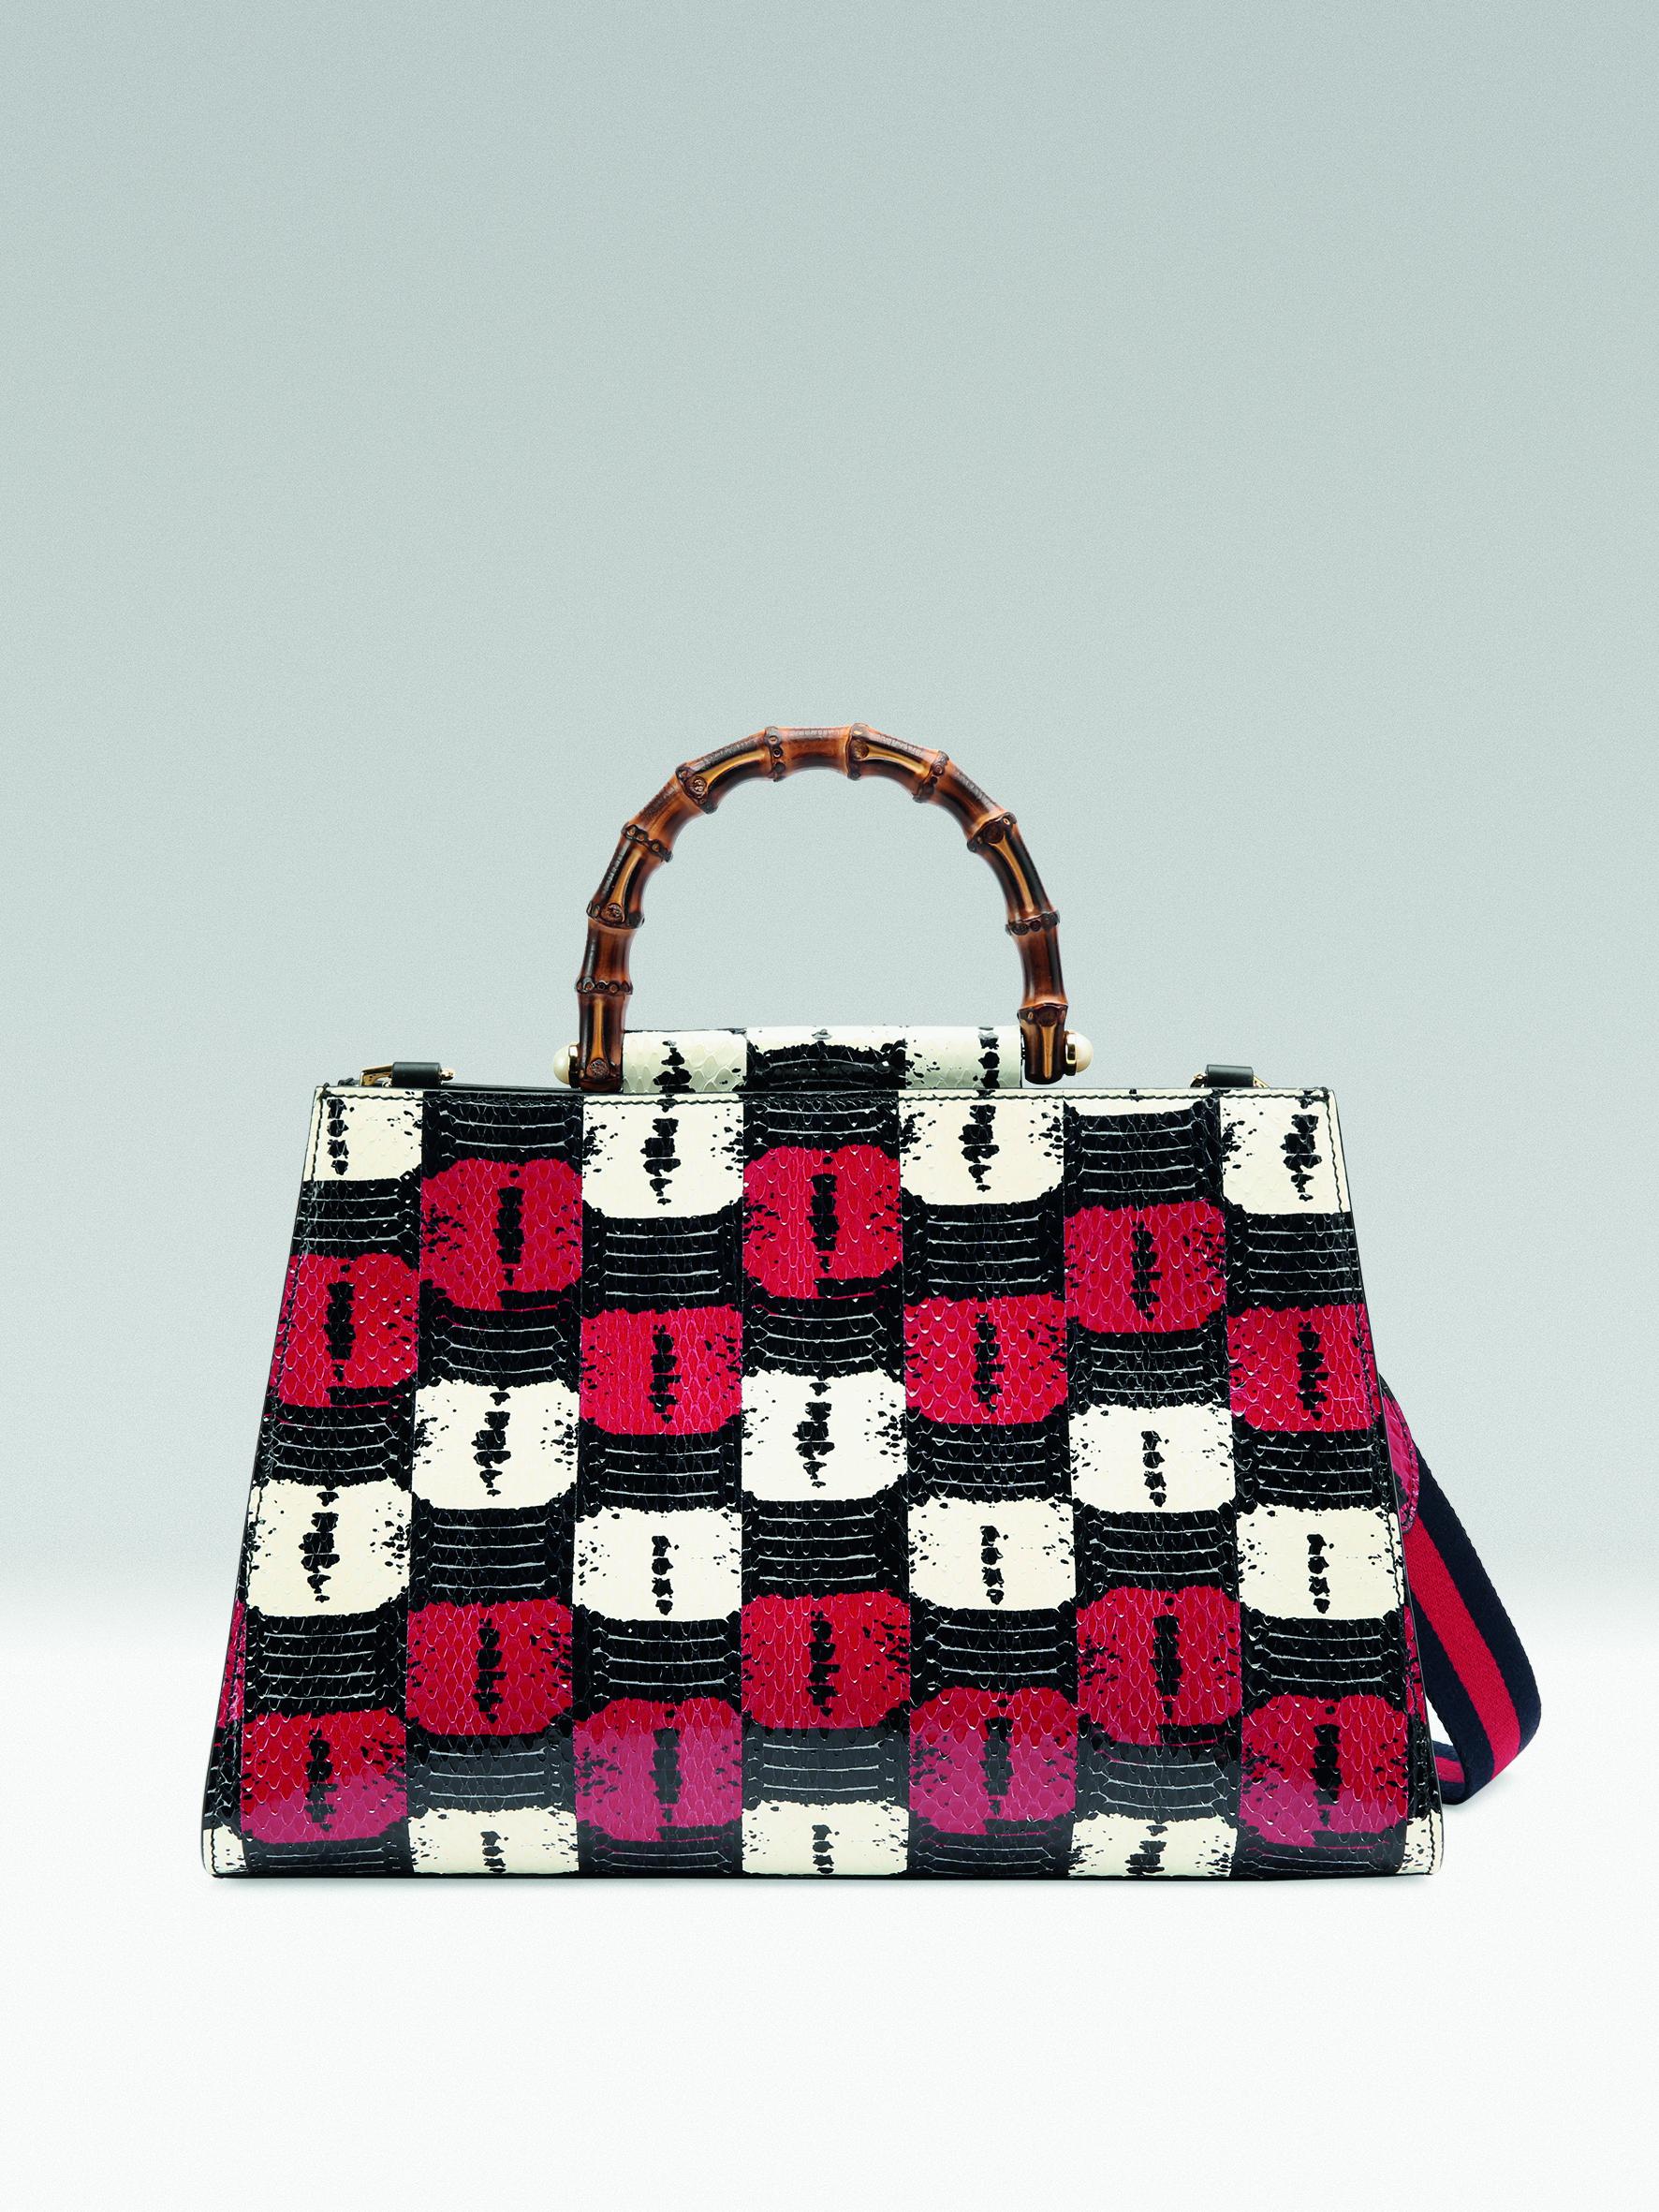 생동감 넘치는 패턴과 컬러가 믹스된 토트백은 6백64만원으로 Gucci 제품.